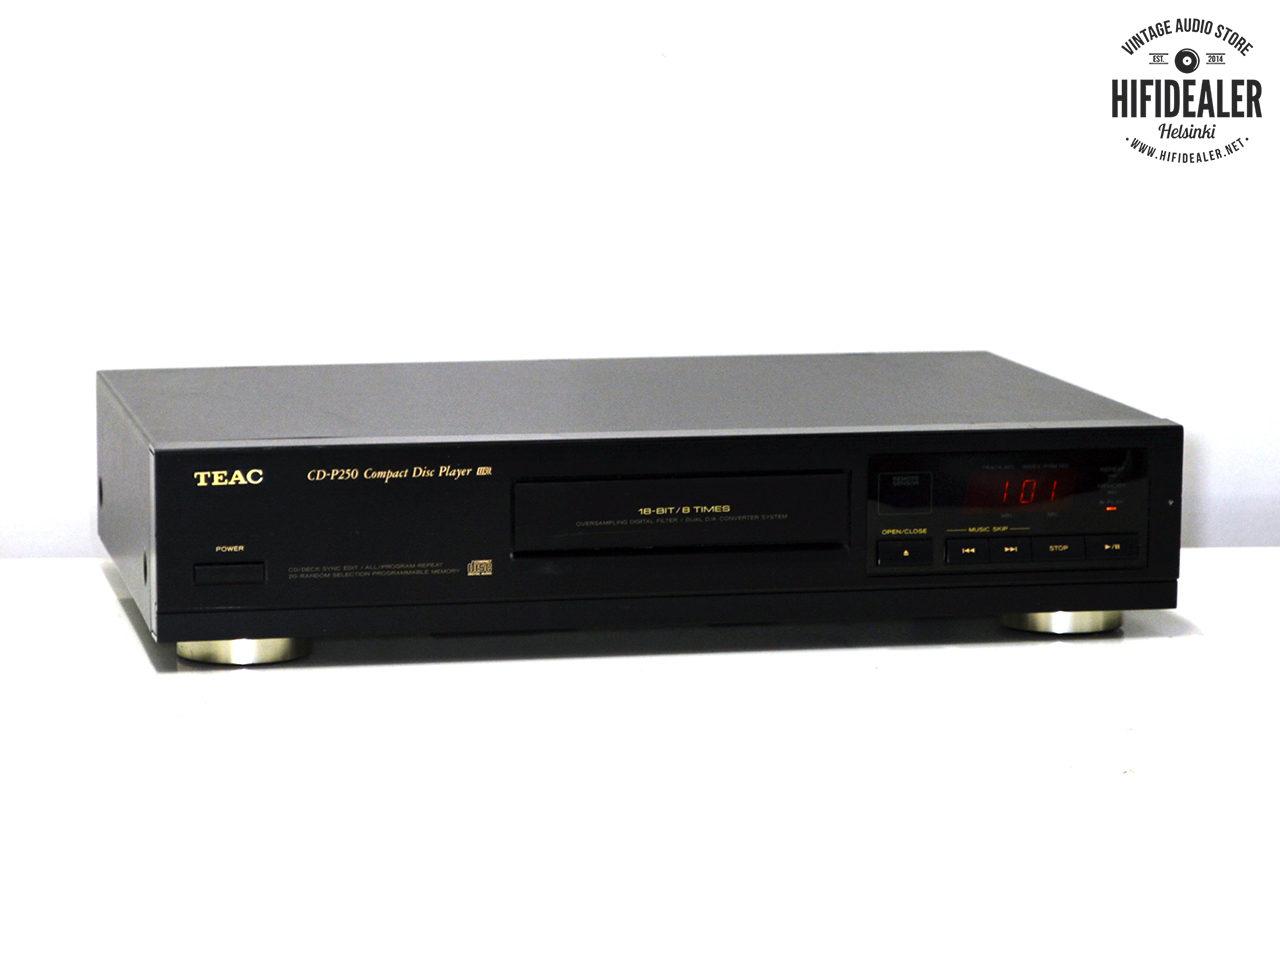 teac-cd-p250